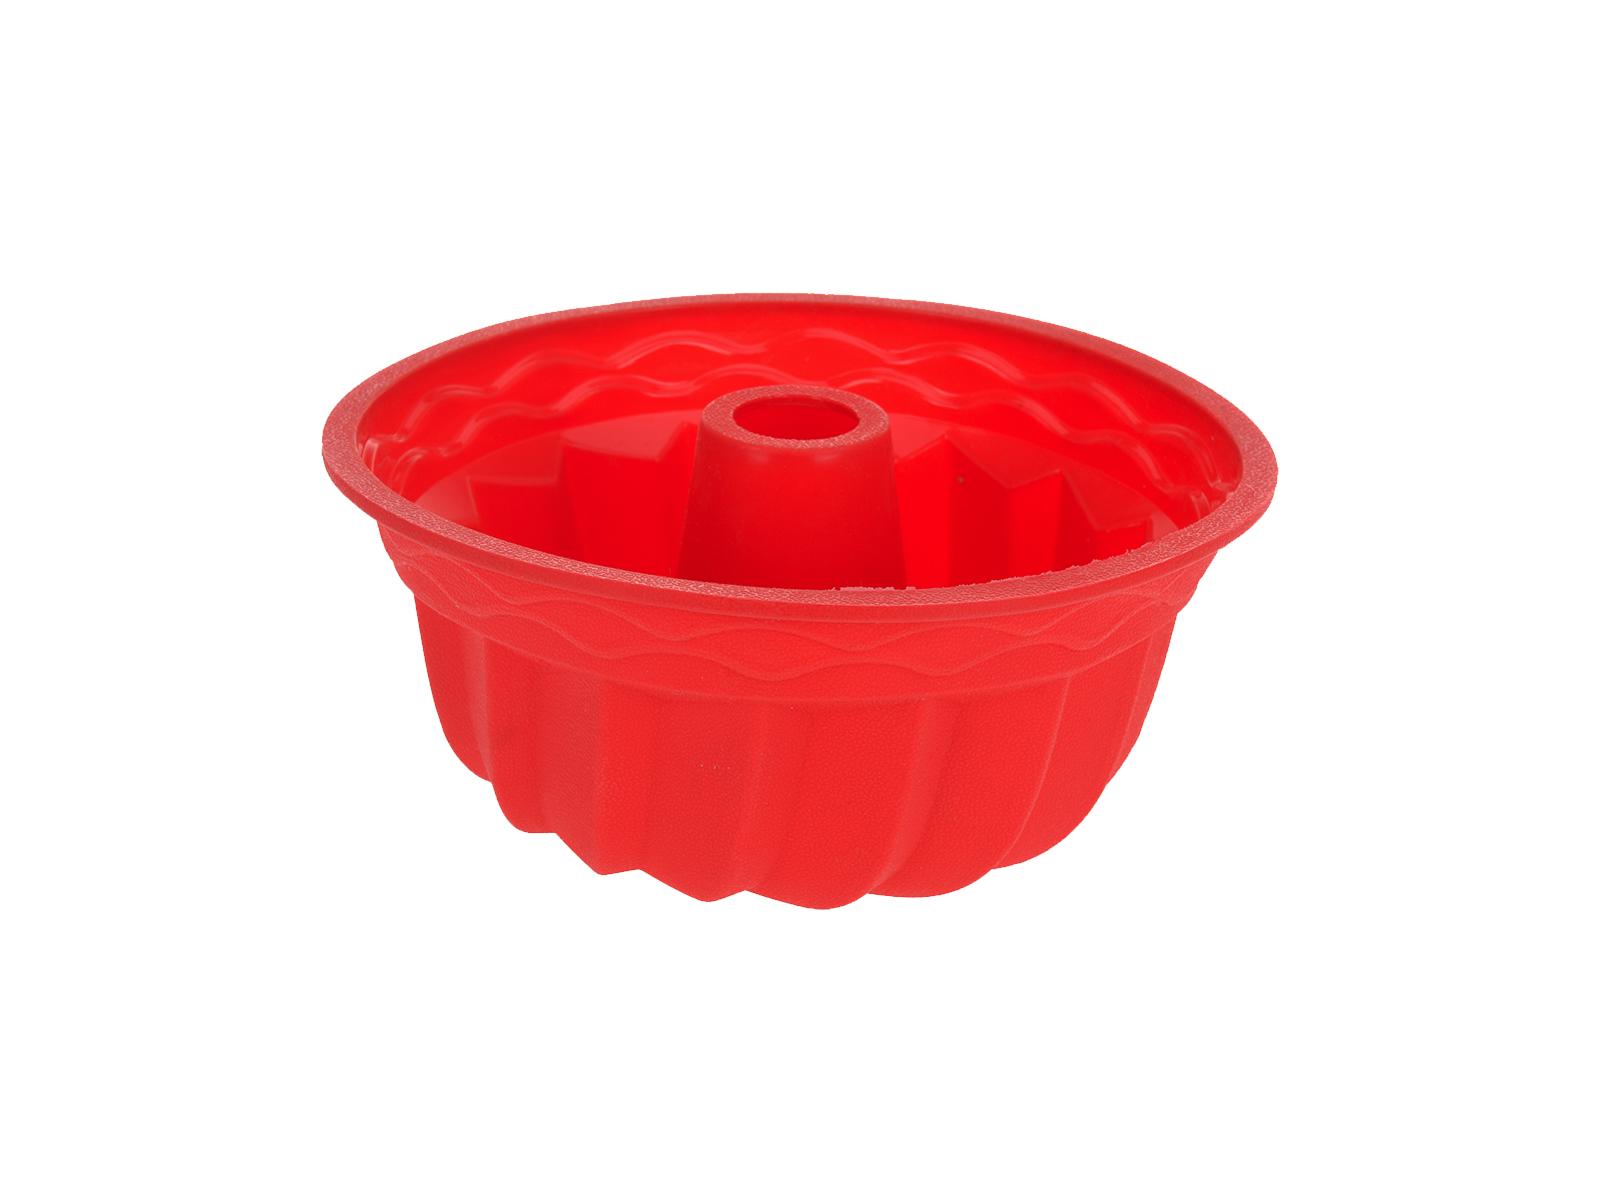 Форма CucinaАксессуары для кухни<br>Форма для выпекания<br>